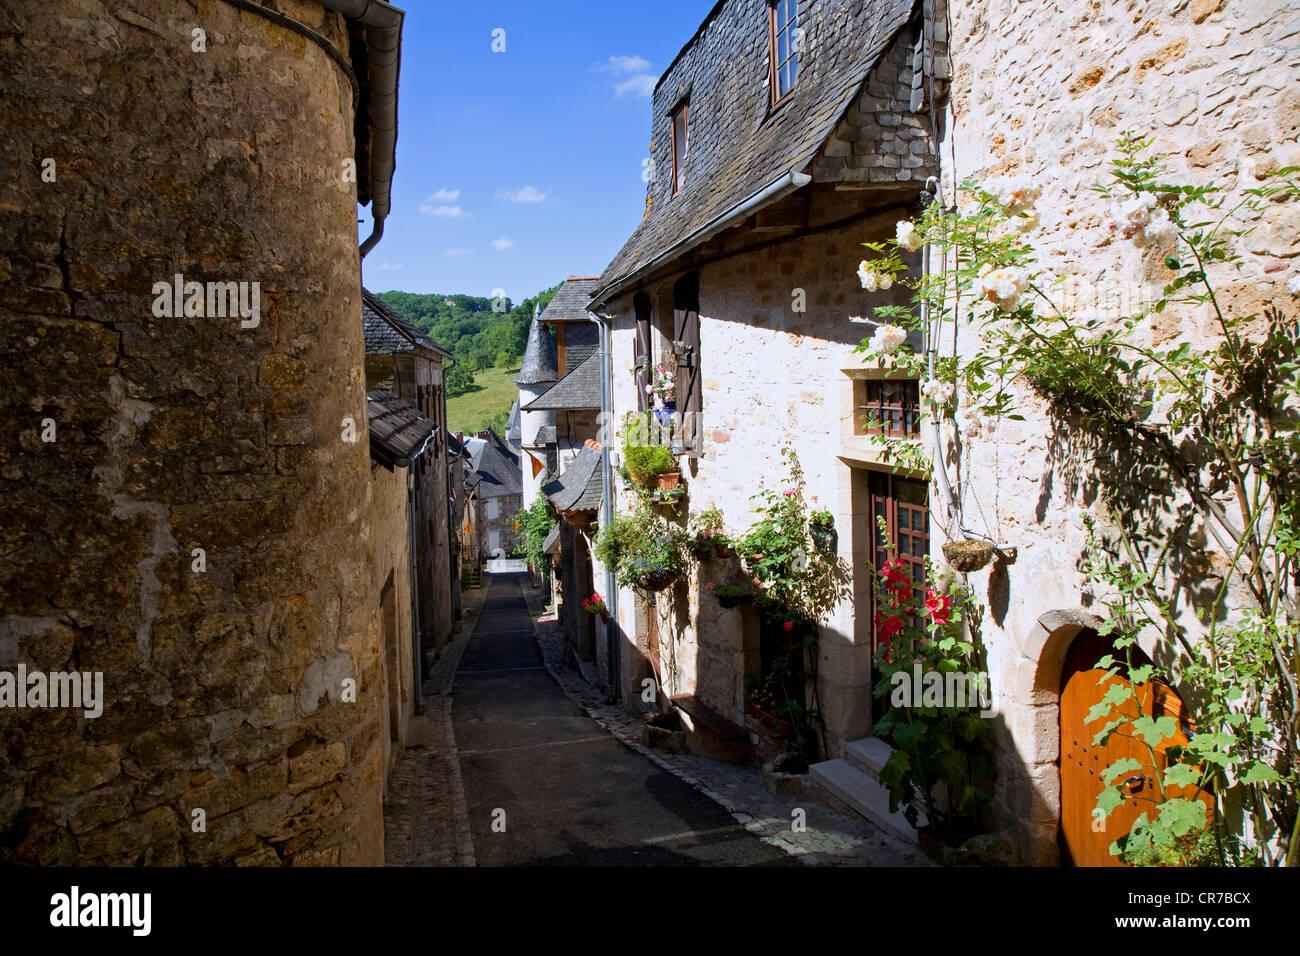 France, Correze, Turenne, labelled Les Plus Beaux Villages de France, the old village - Stock Image